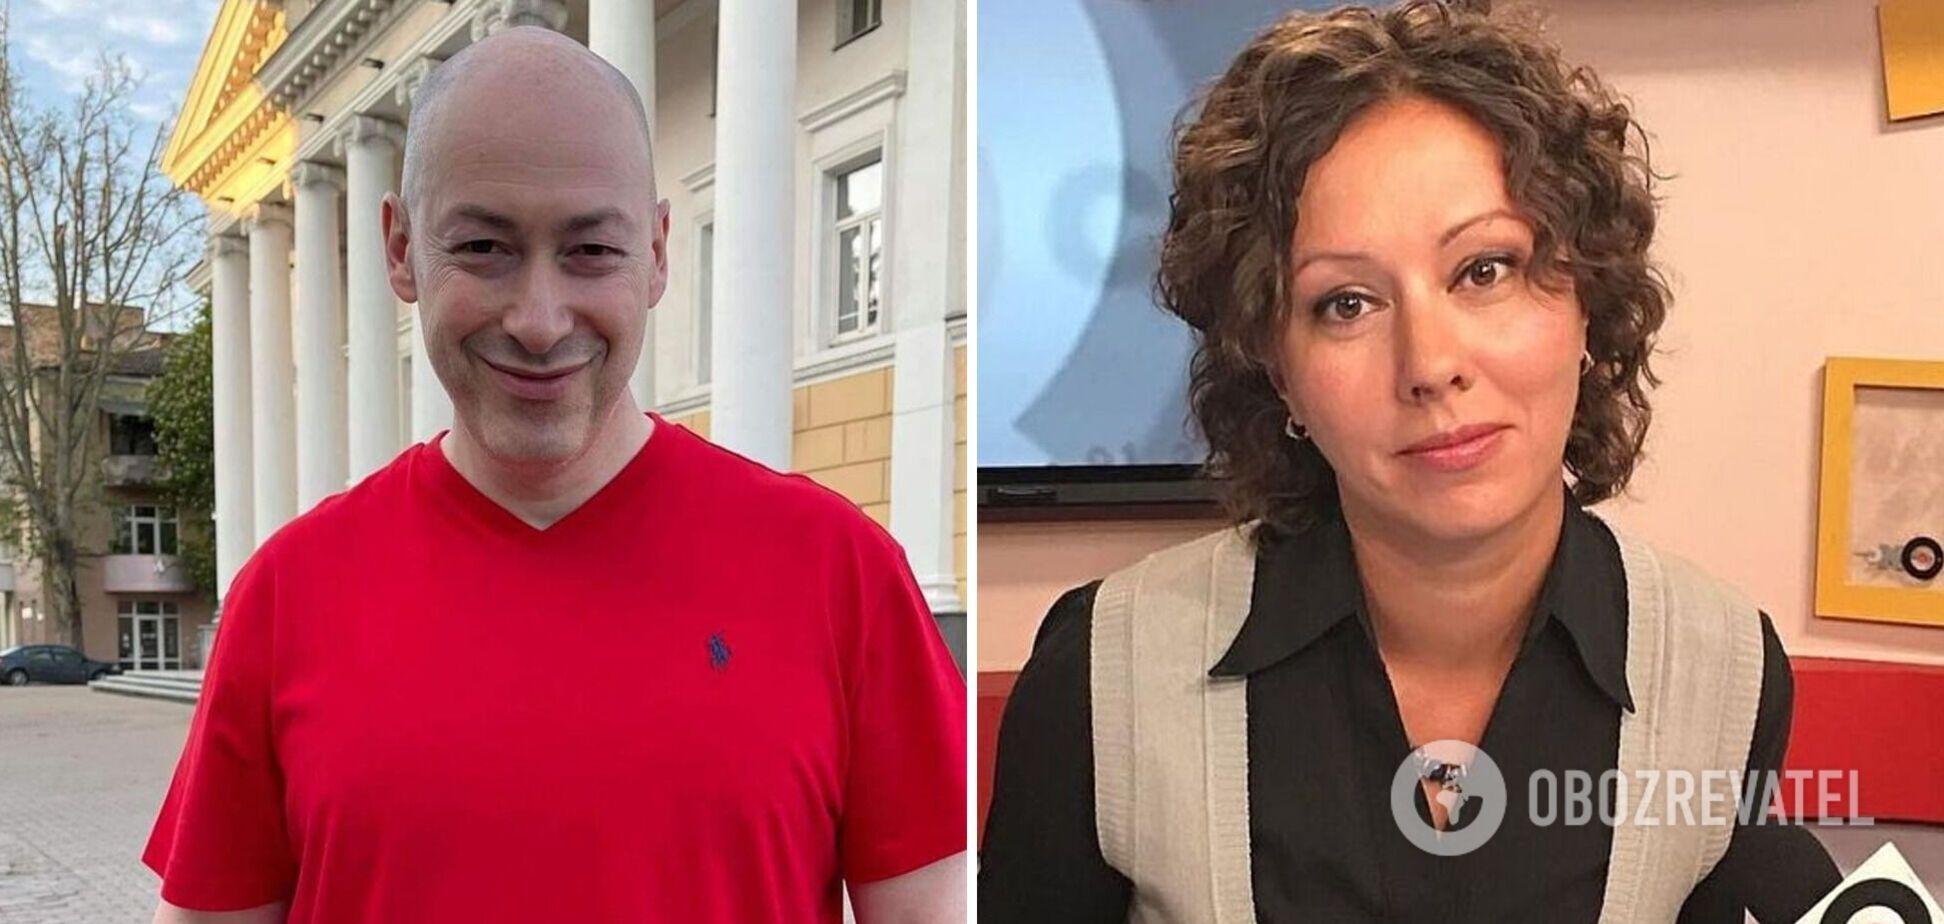 Российская ведущая перепутала одну букву в фамилии Гордона: произнесла 'н' вместо 'р'. Видео